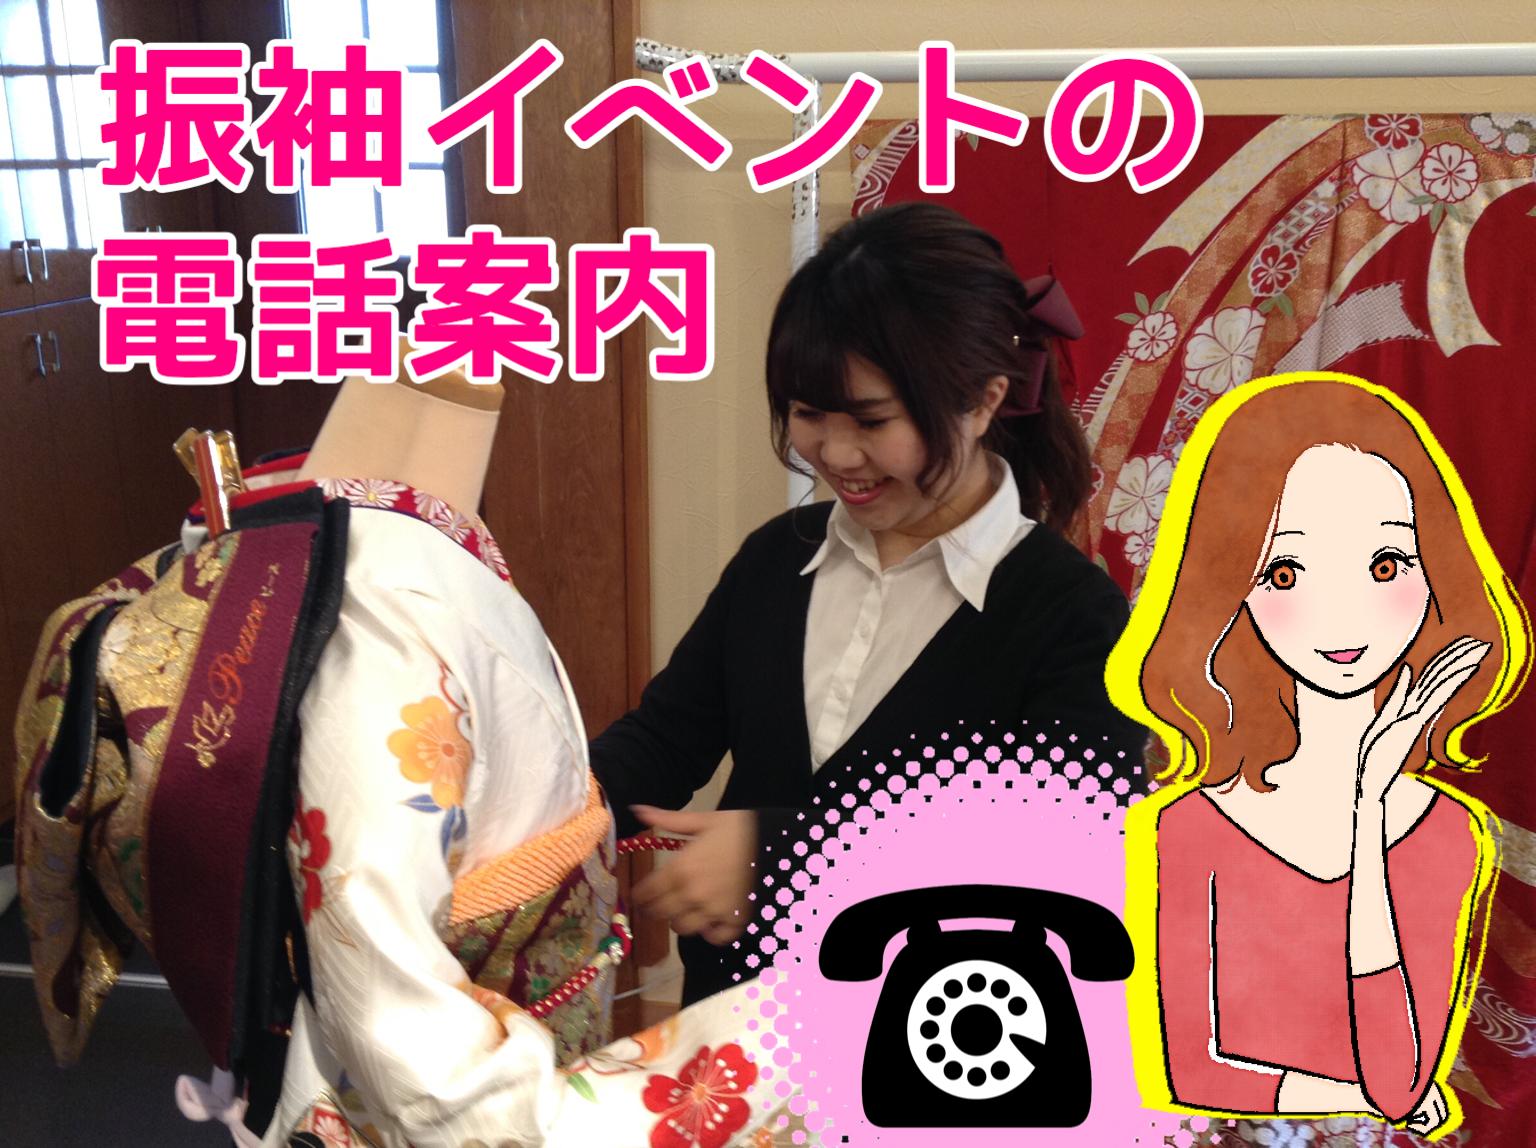 株式会社えん 振袖専門店Enn【動画PRあり】